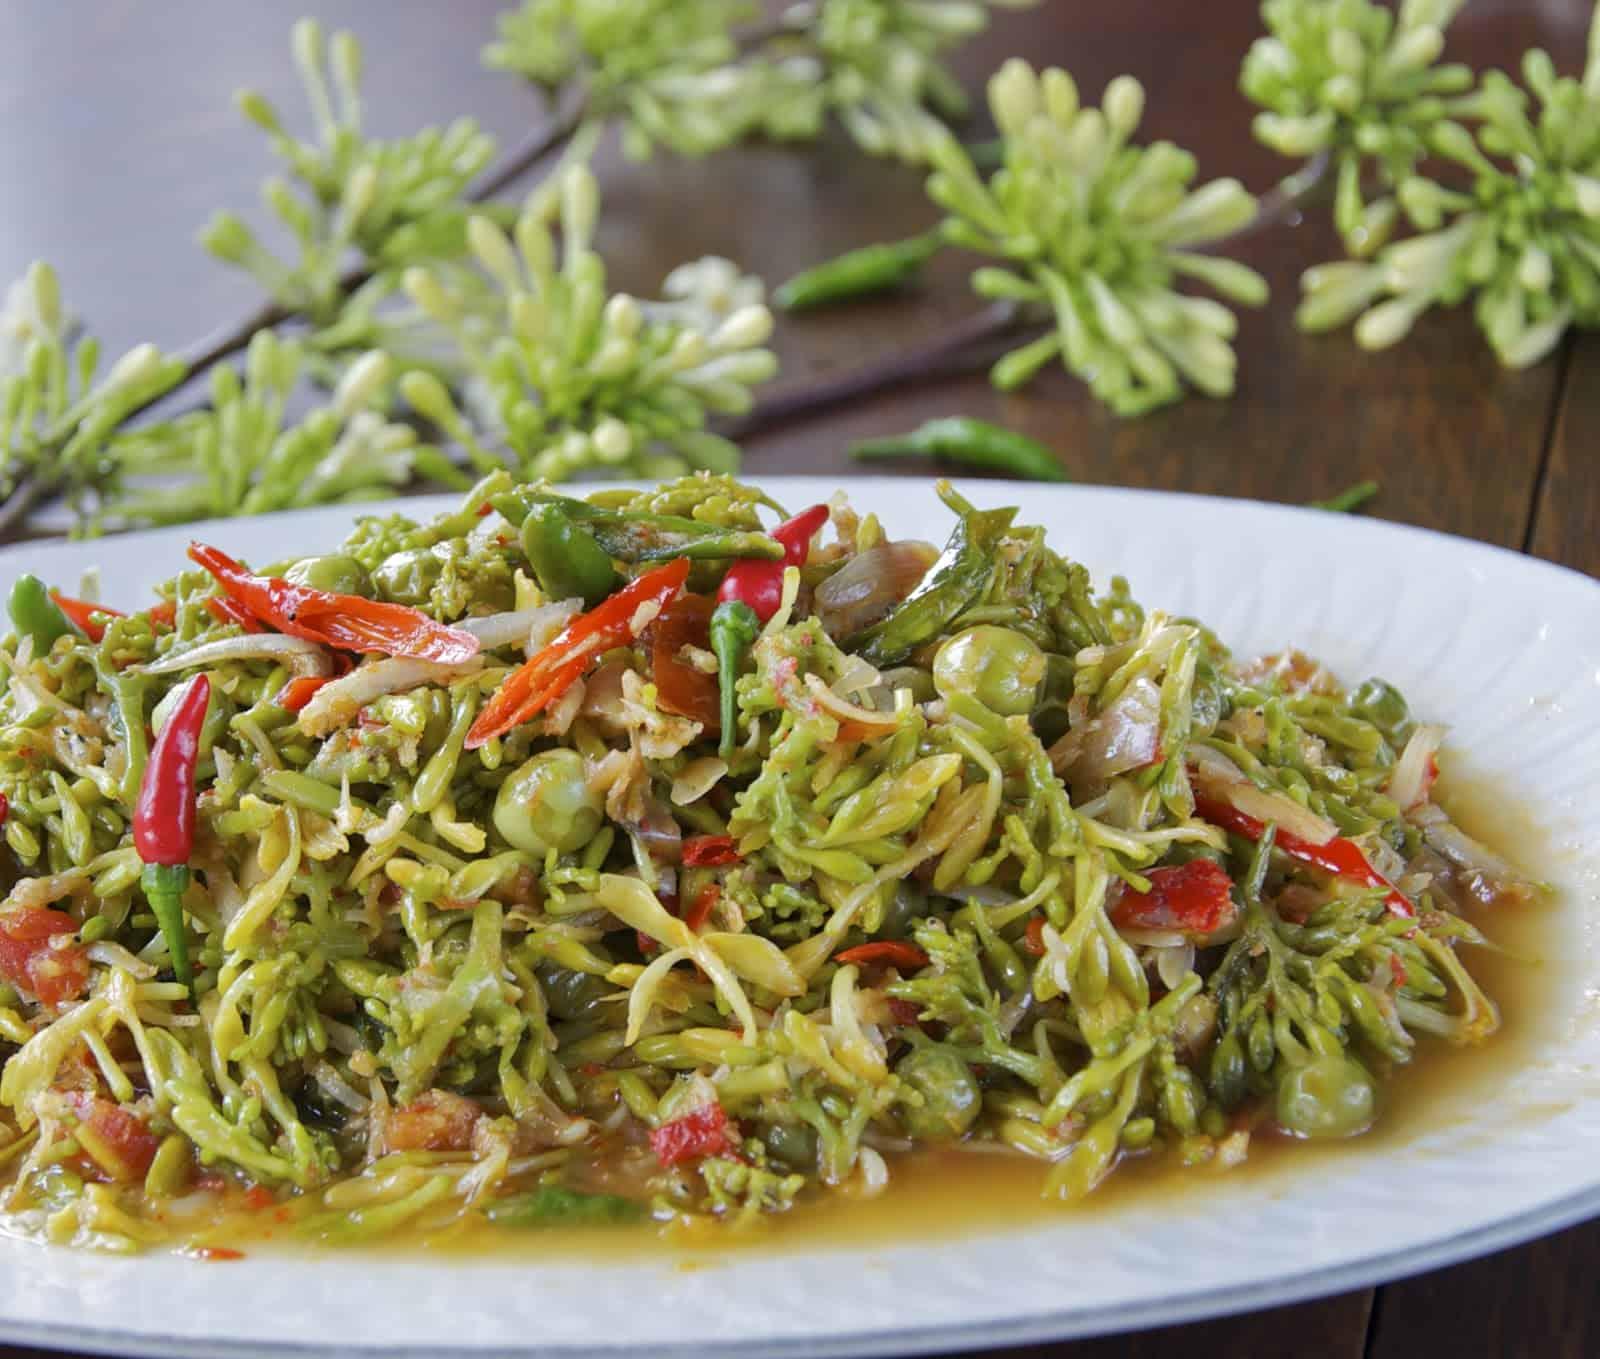 gambar makanan khas ntt Tumis Bunga Pepaya